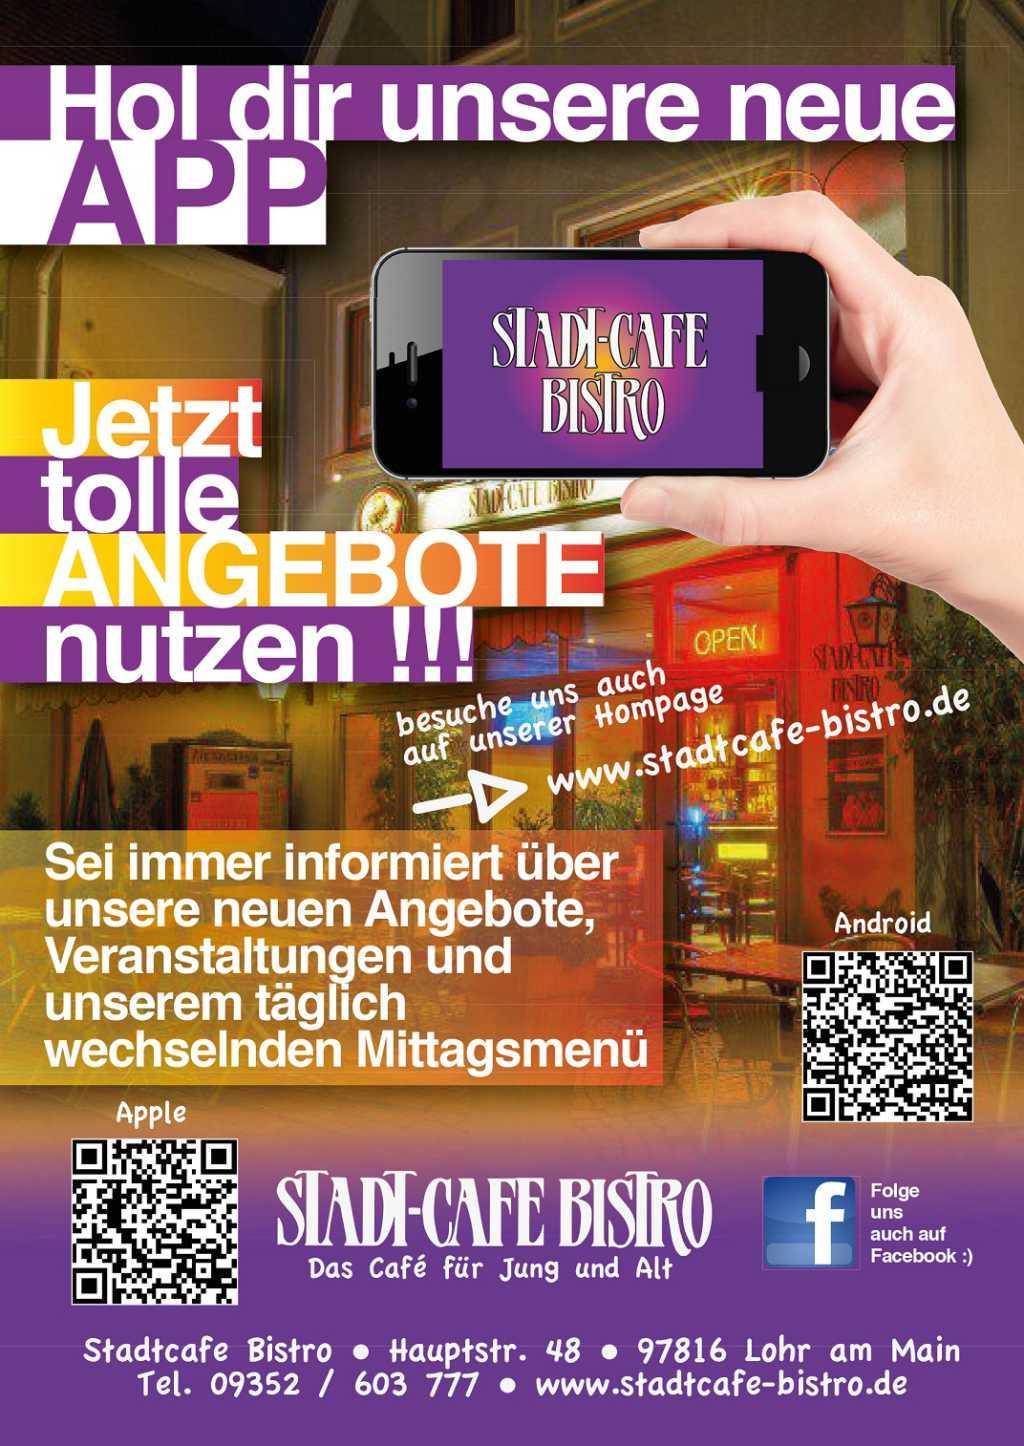 Bild zur Nachricht von Stadtcafe- Bistro